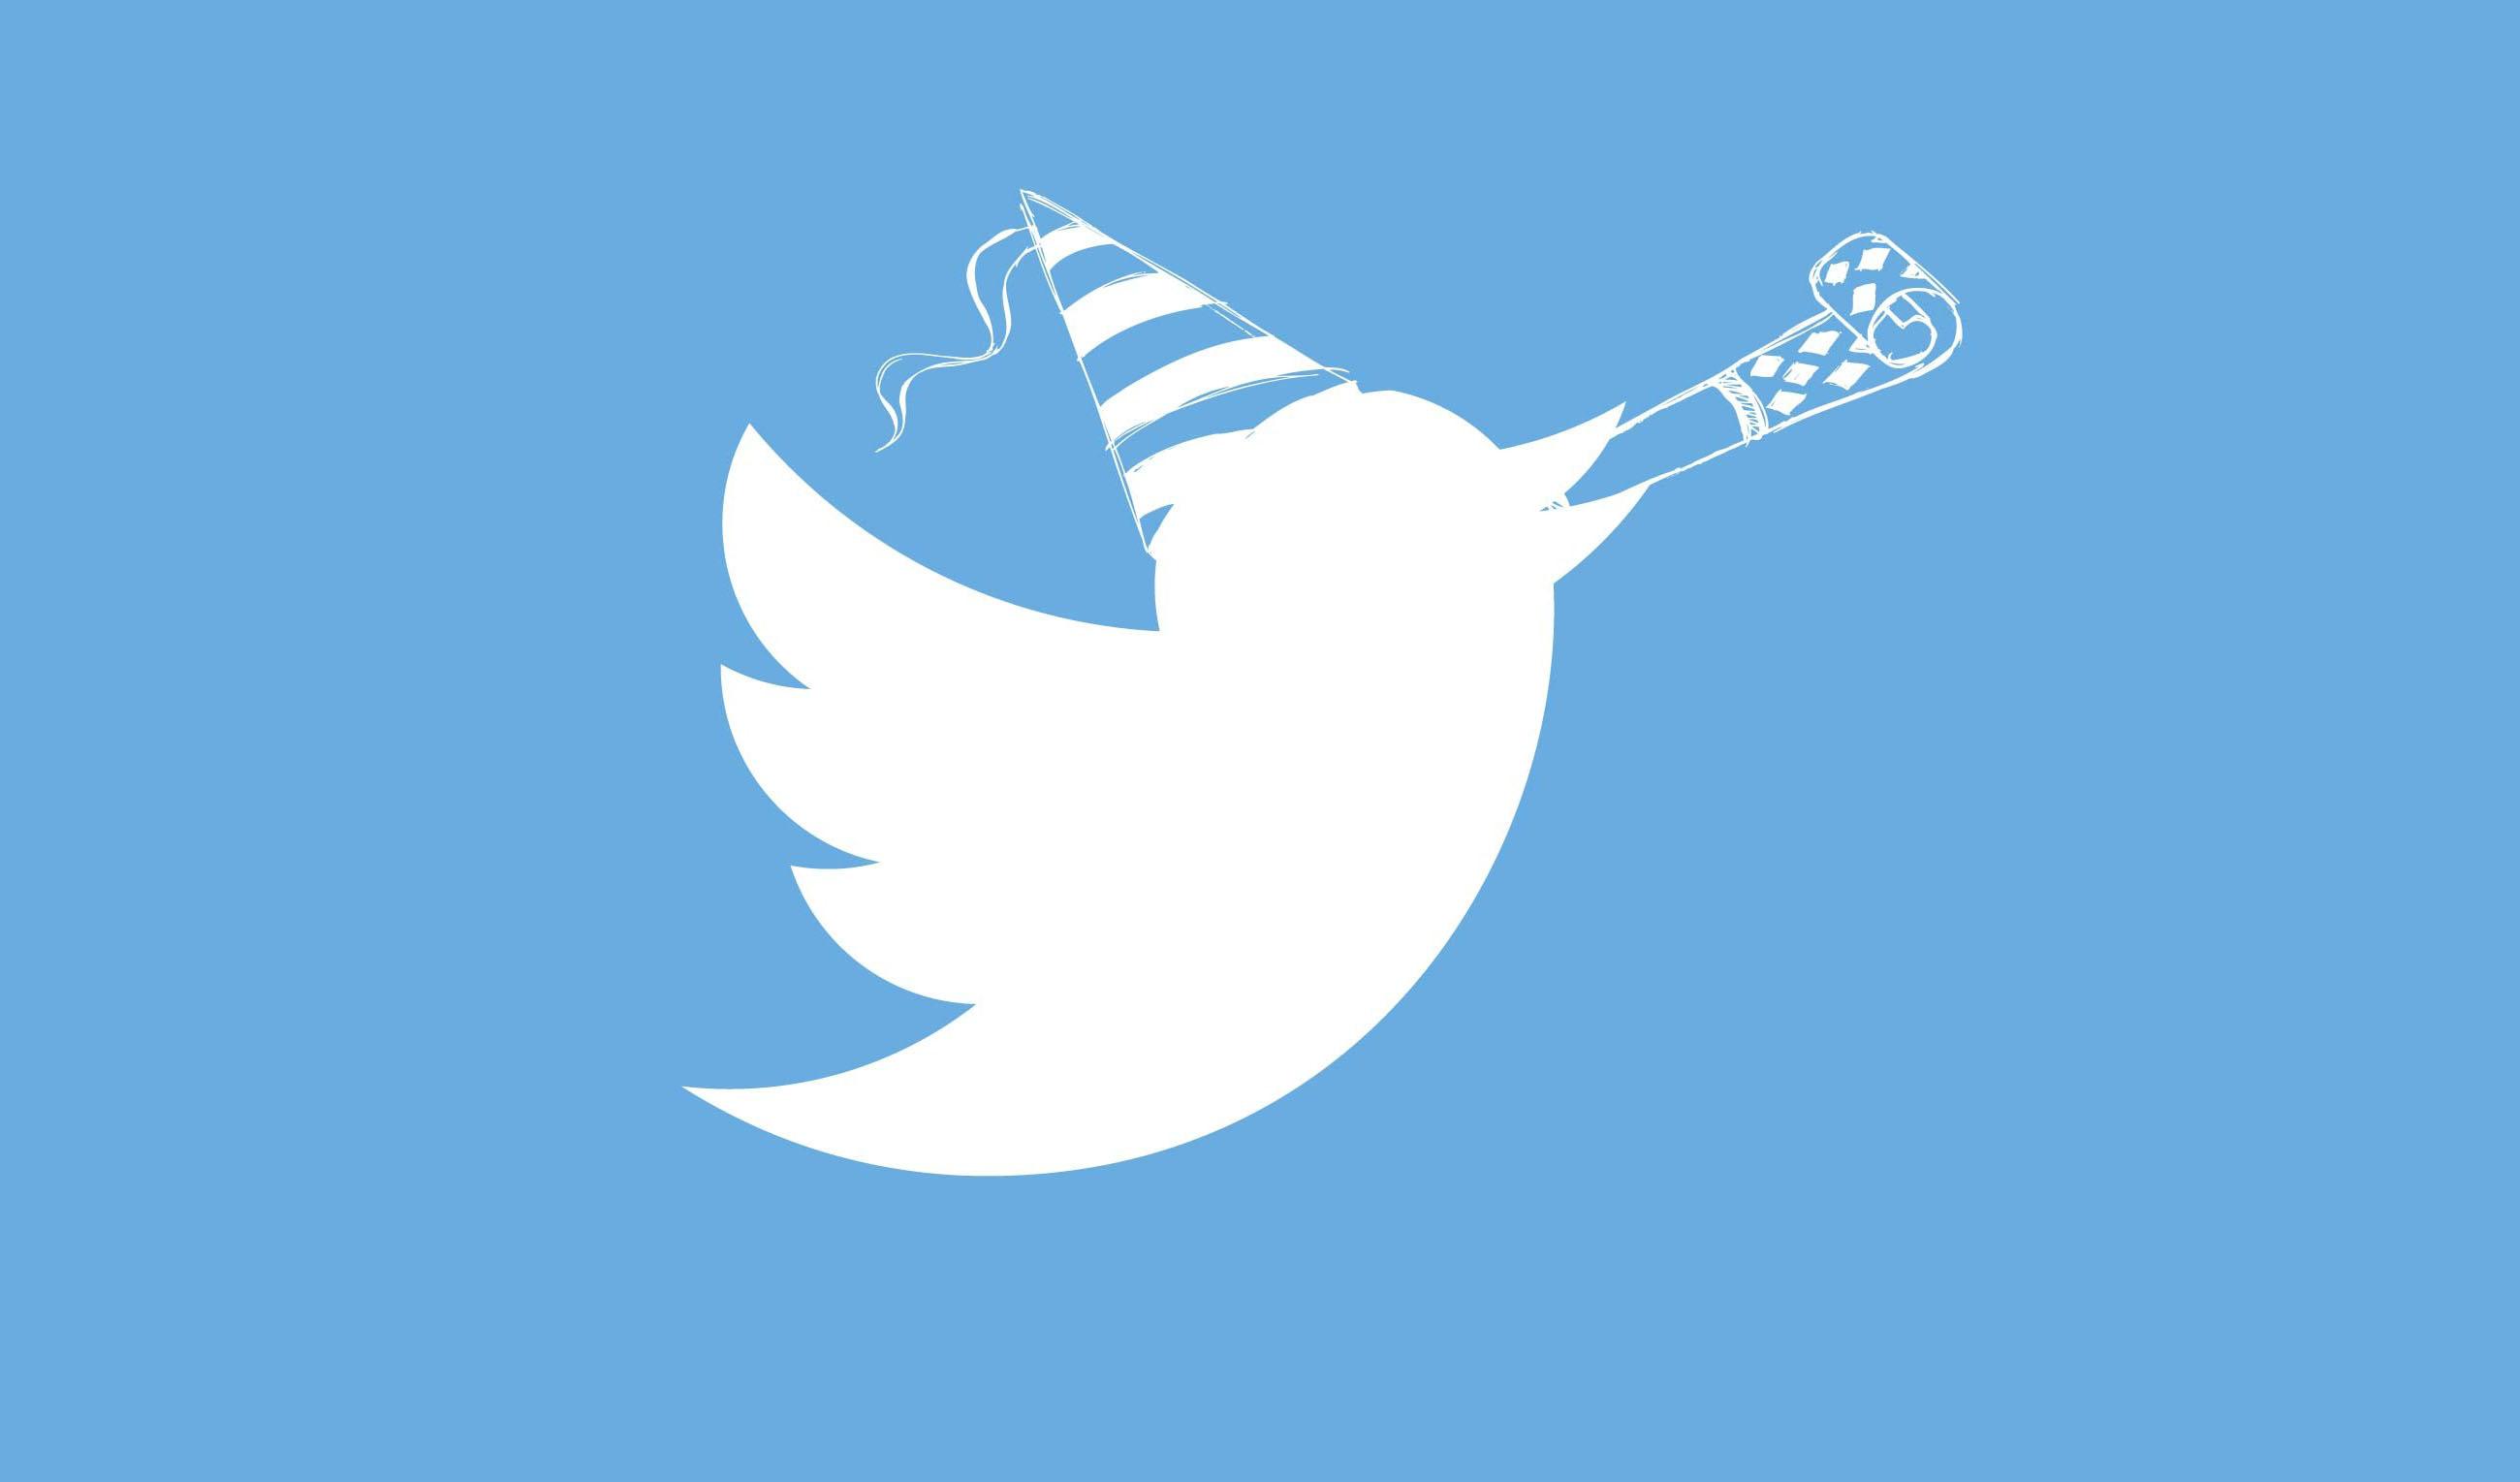 باگ توییتر احتمالا اطلاعات خصوصی کاربران را فاش نکرده است